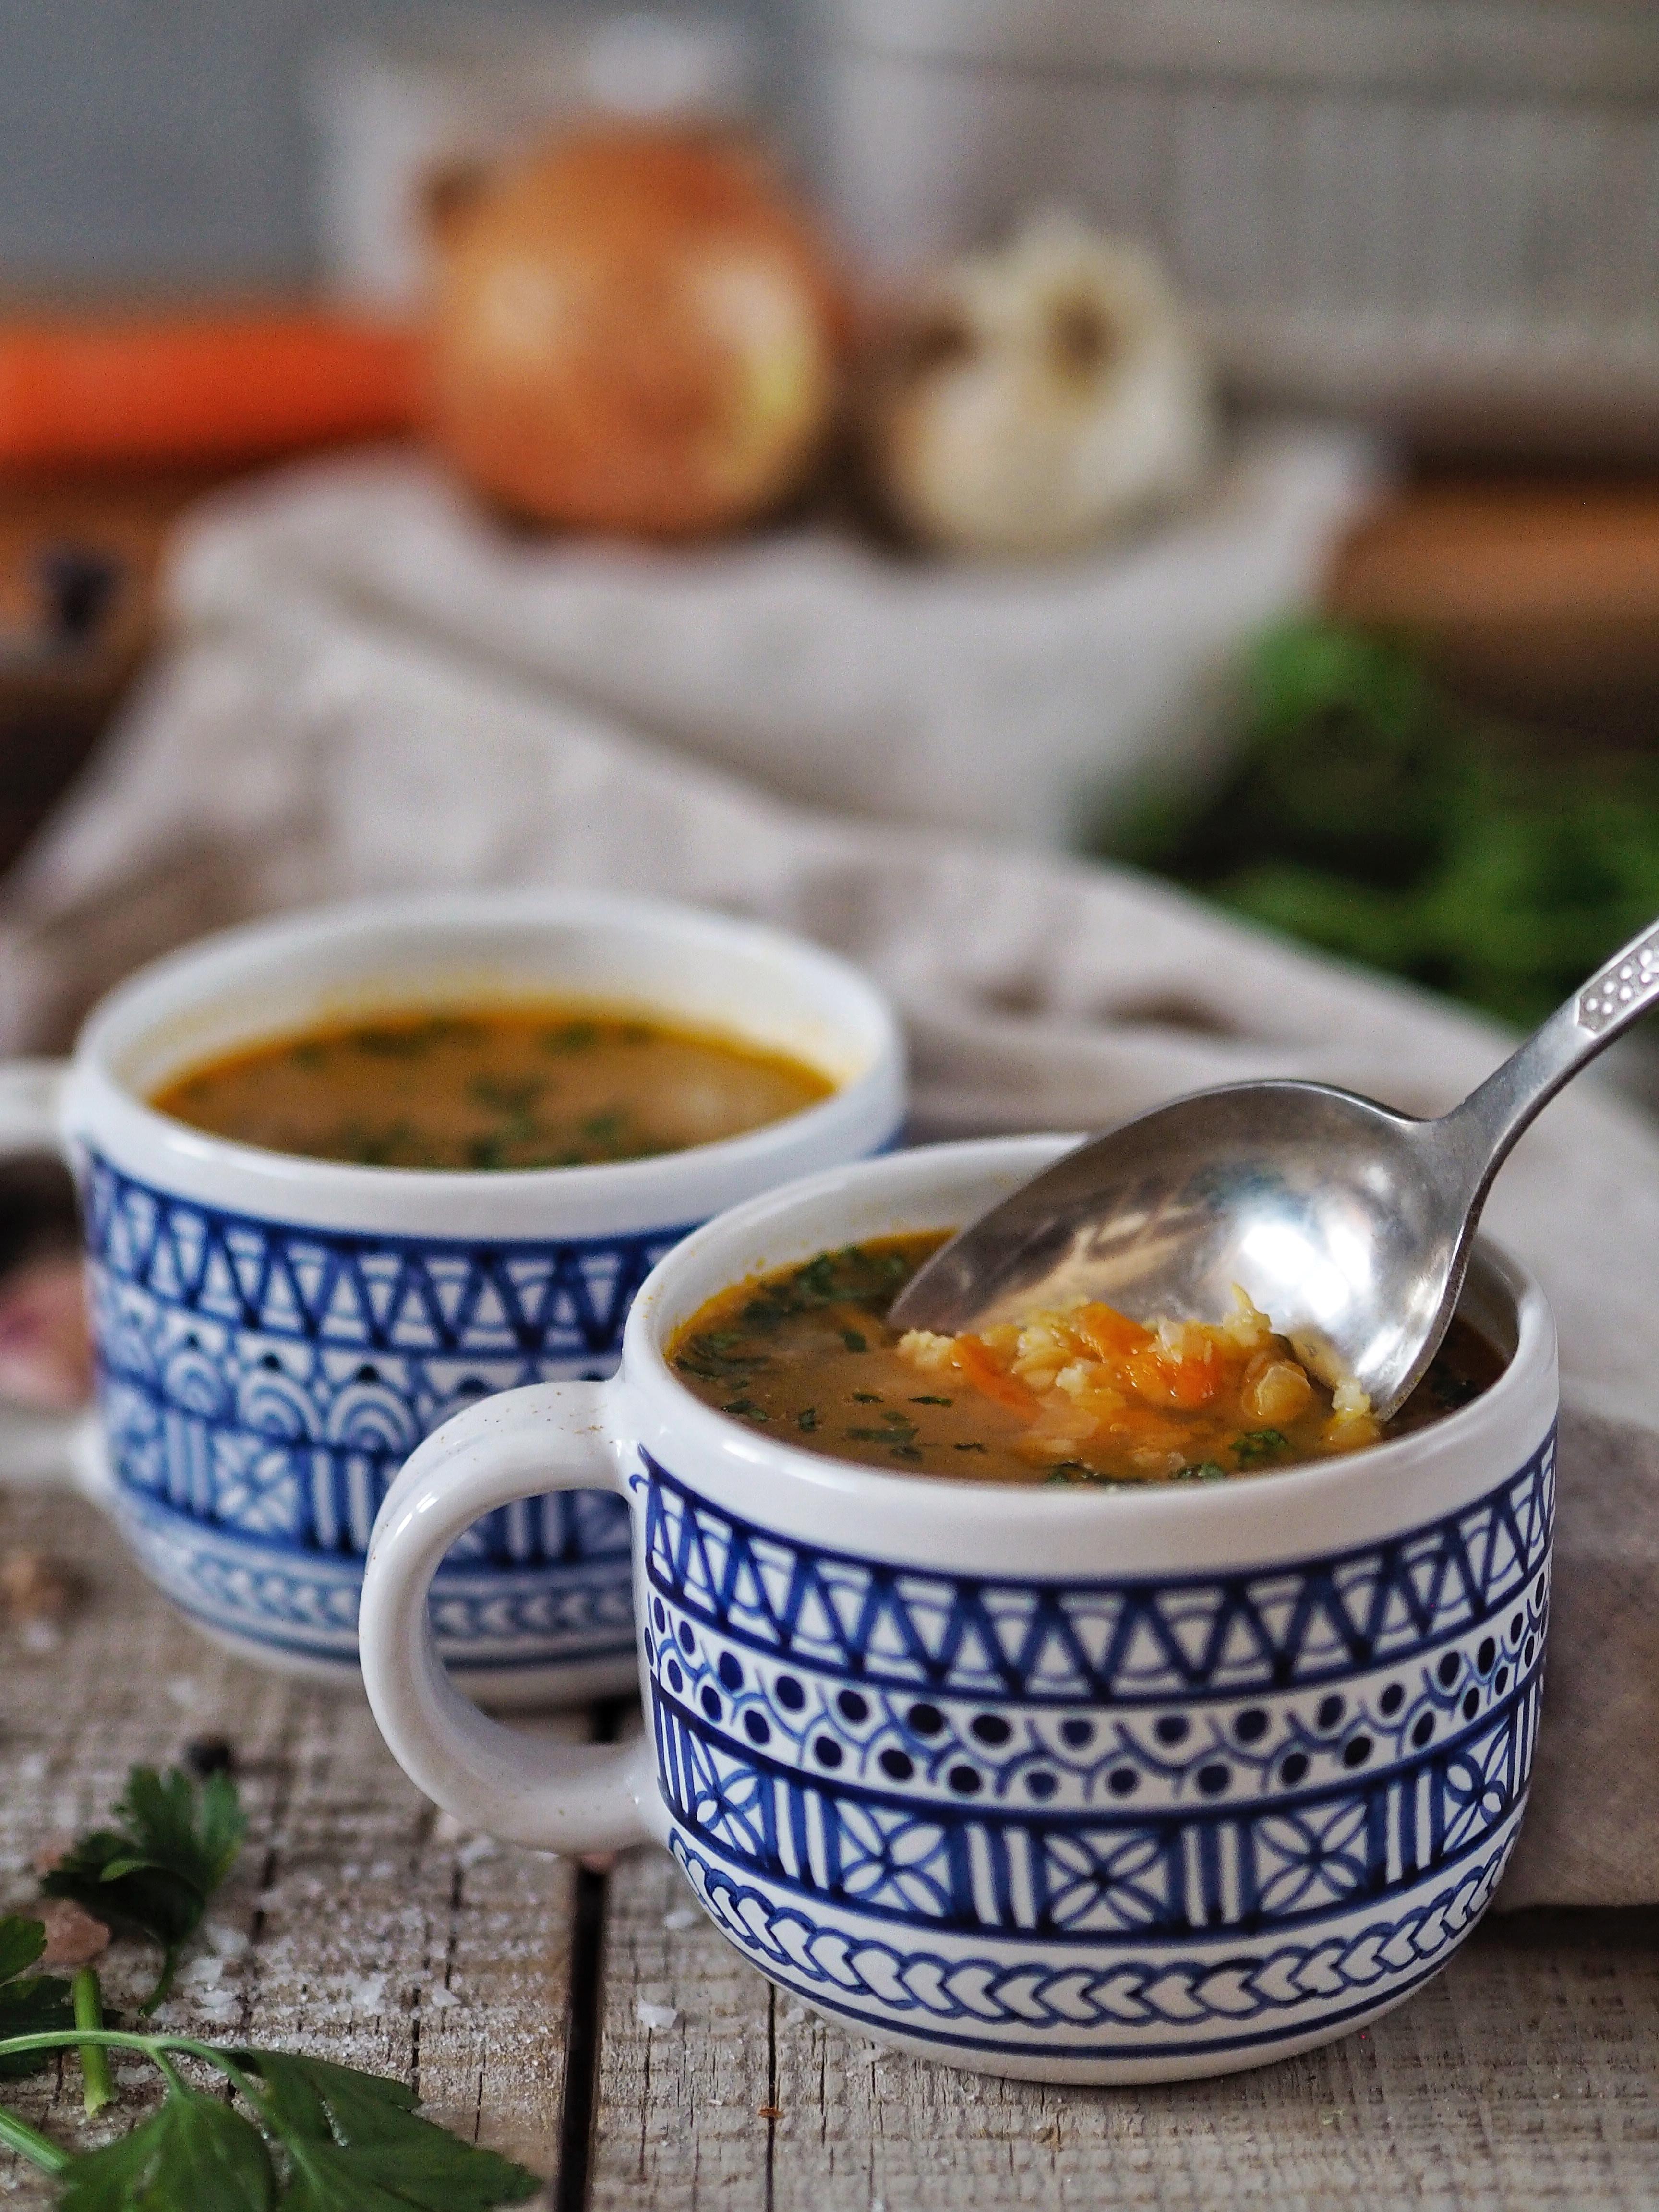 Zeleninová polievka doplní živiny deťúrencom